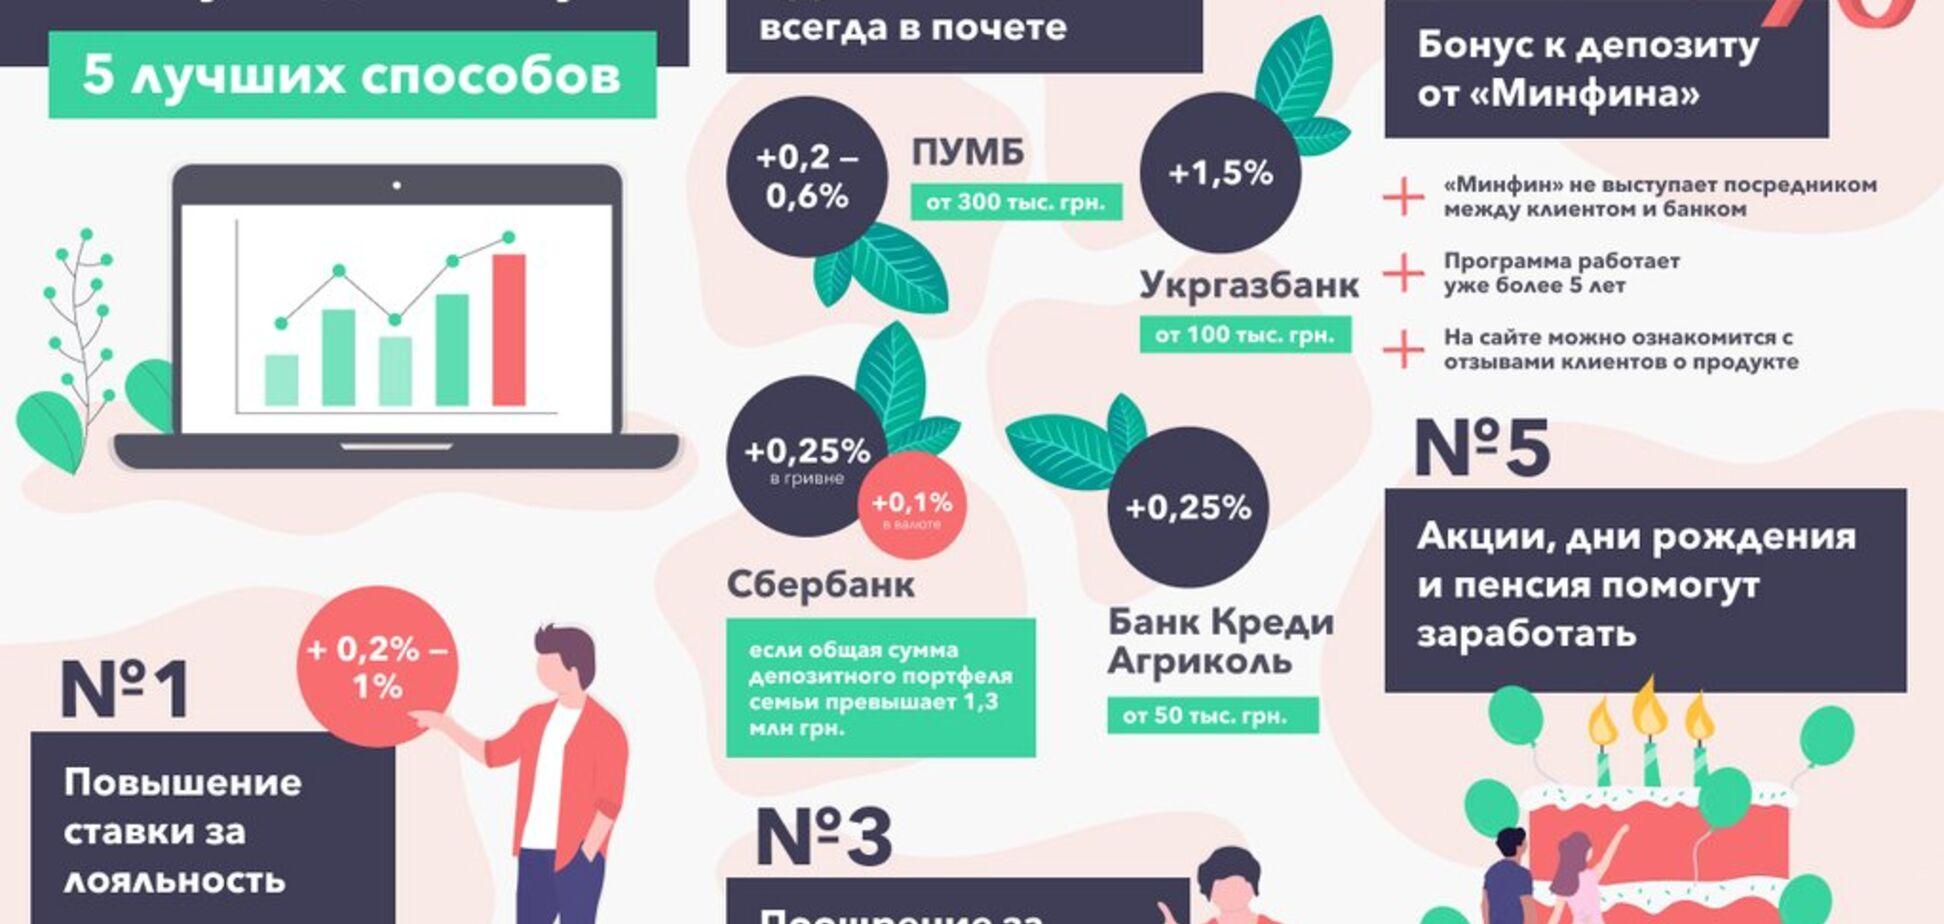 Как украинцам увеличить ставку по депозитам: названо 5 способов